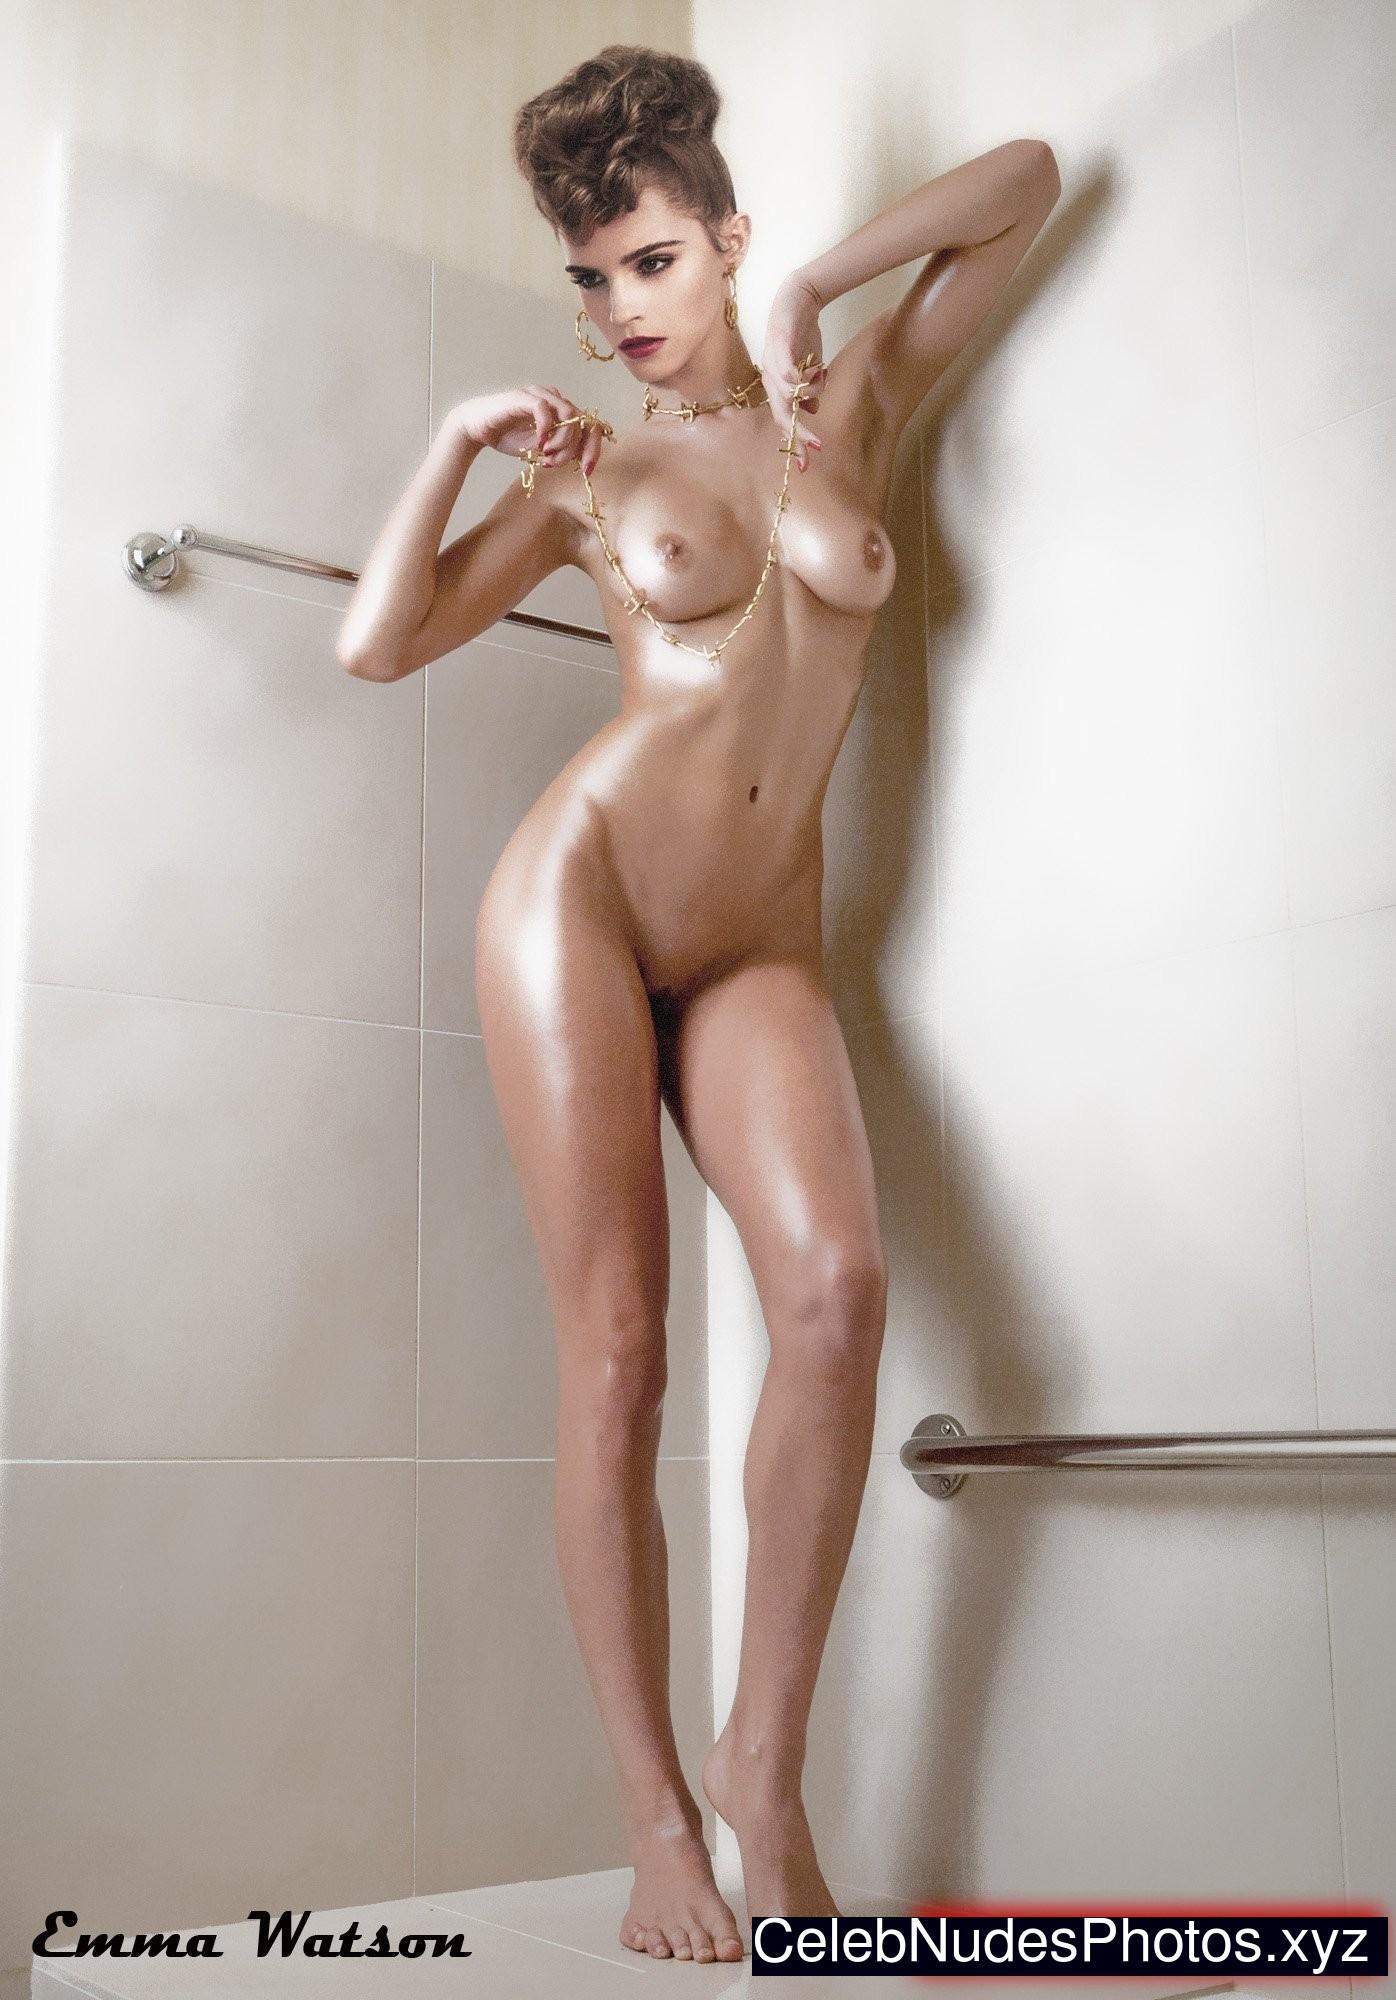 Emma wayson nude